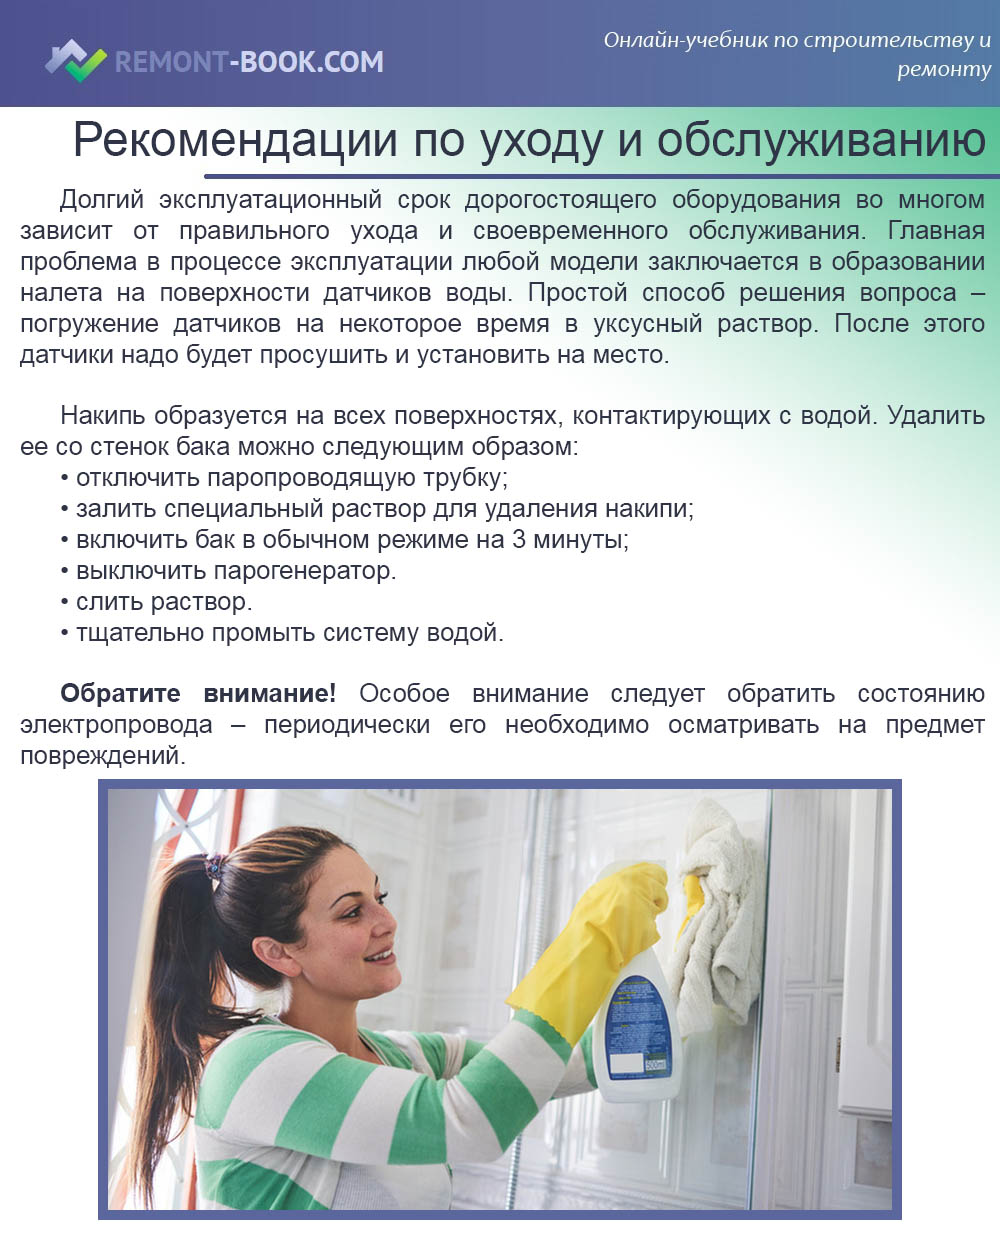 Рекомендации по уходу и профилактическому обслуживанию